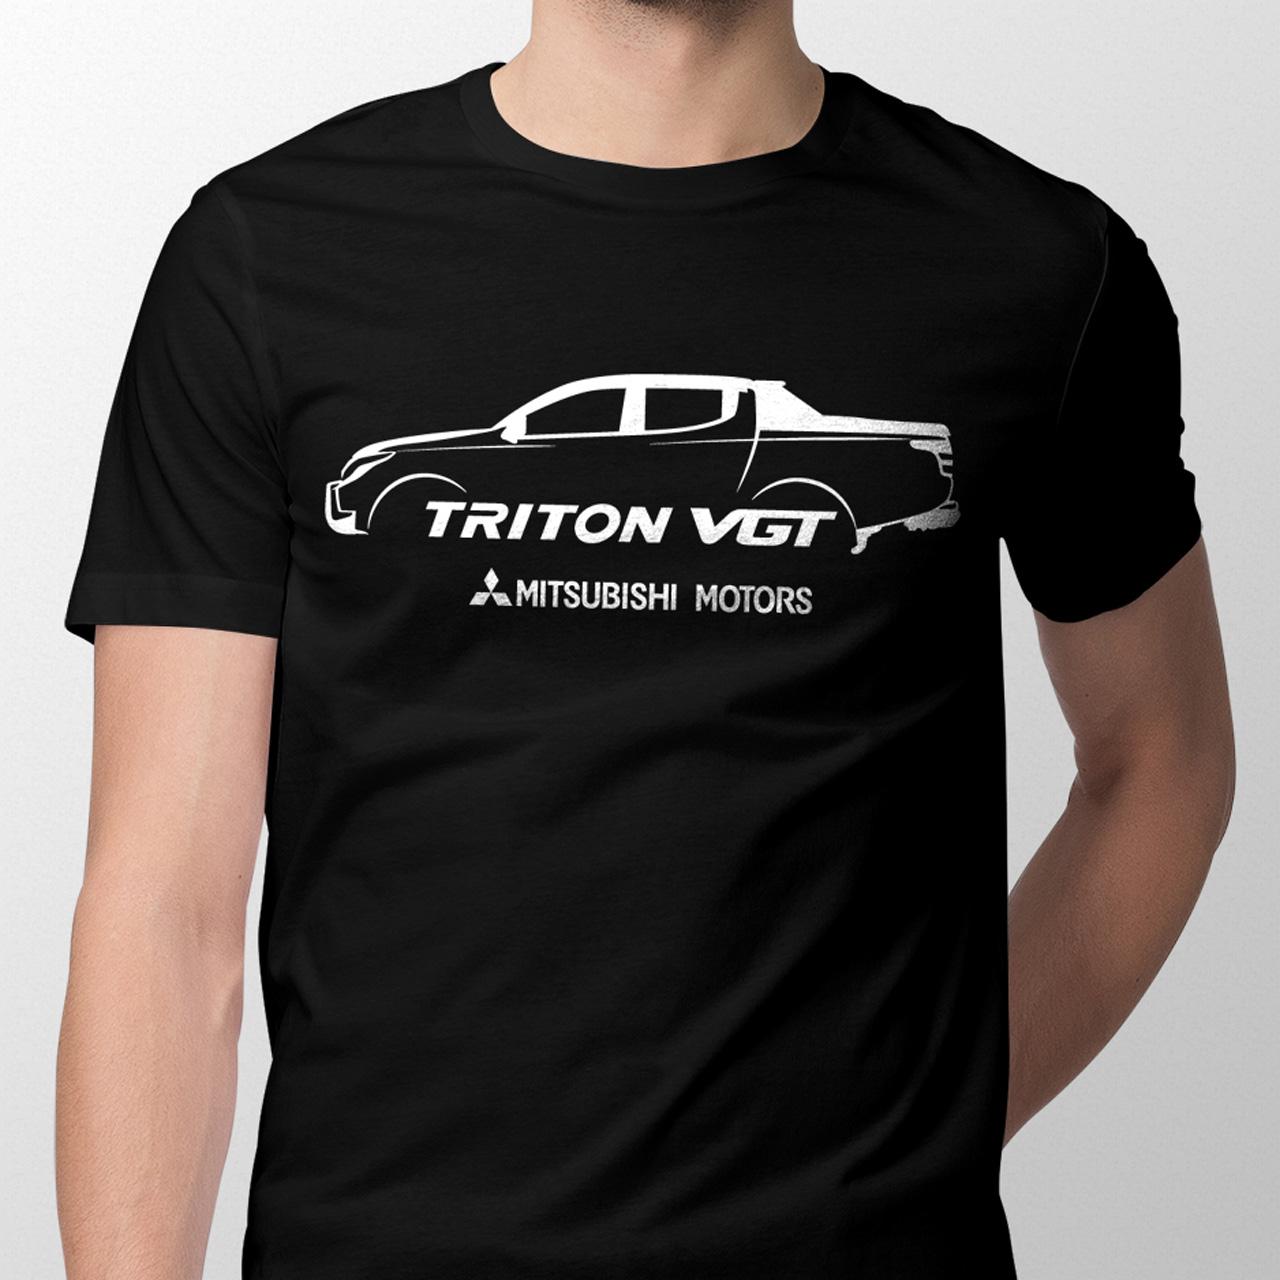 Sebangga Dunia Mitsubishi Triton VGT Black Graphic Tees Front 02